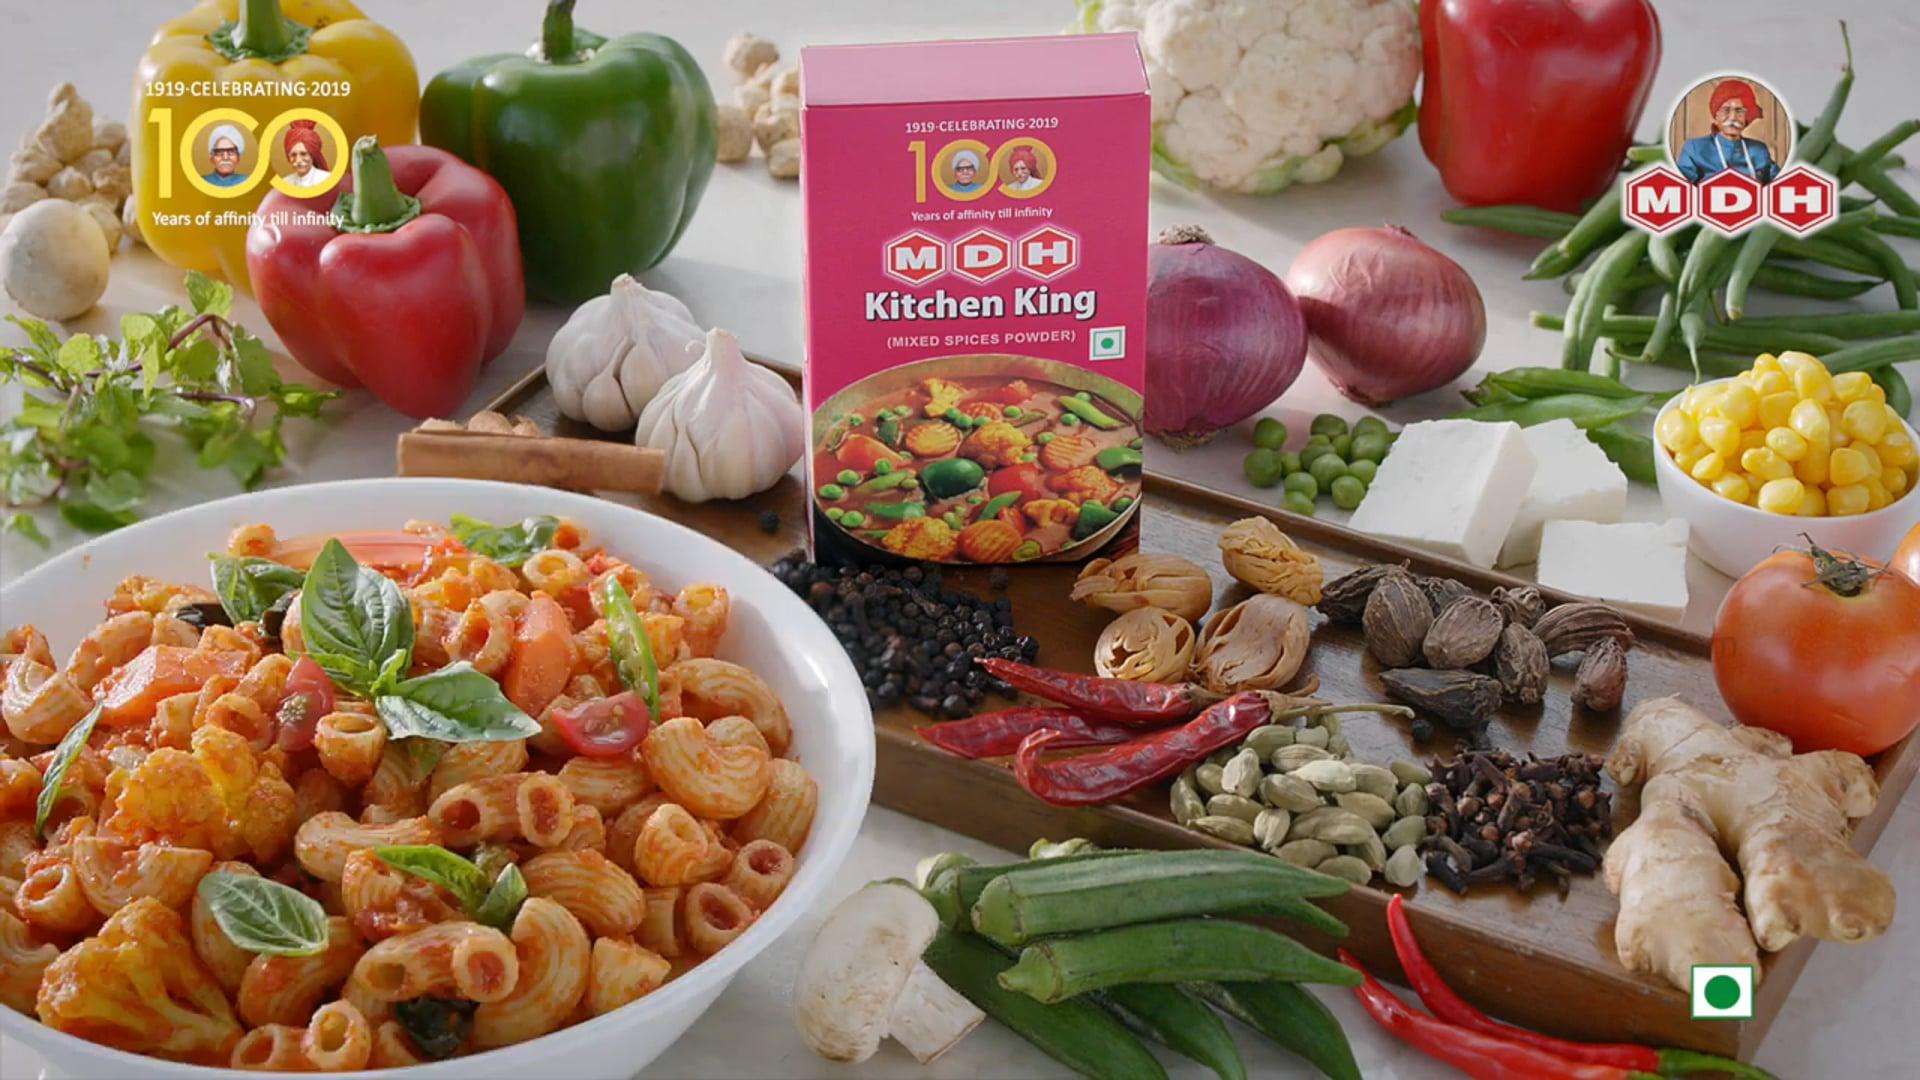 MDH Kitchen King | Food Stylist | Bijal Jobanputra